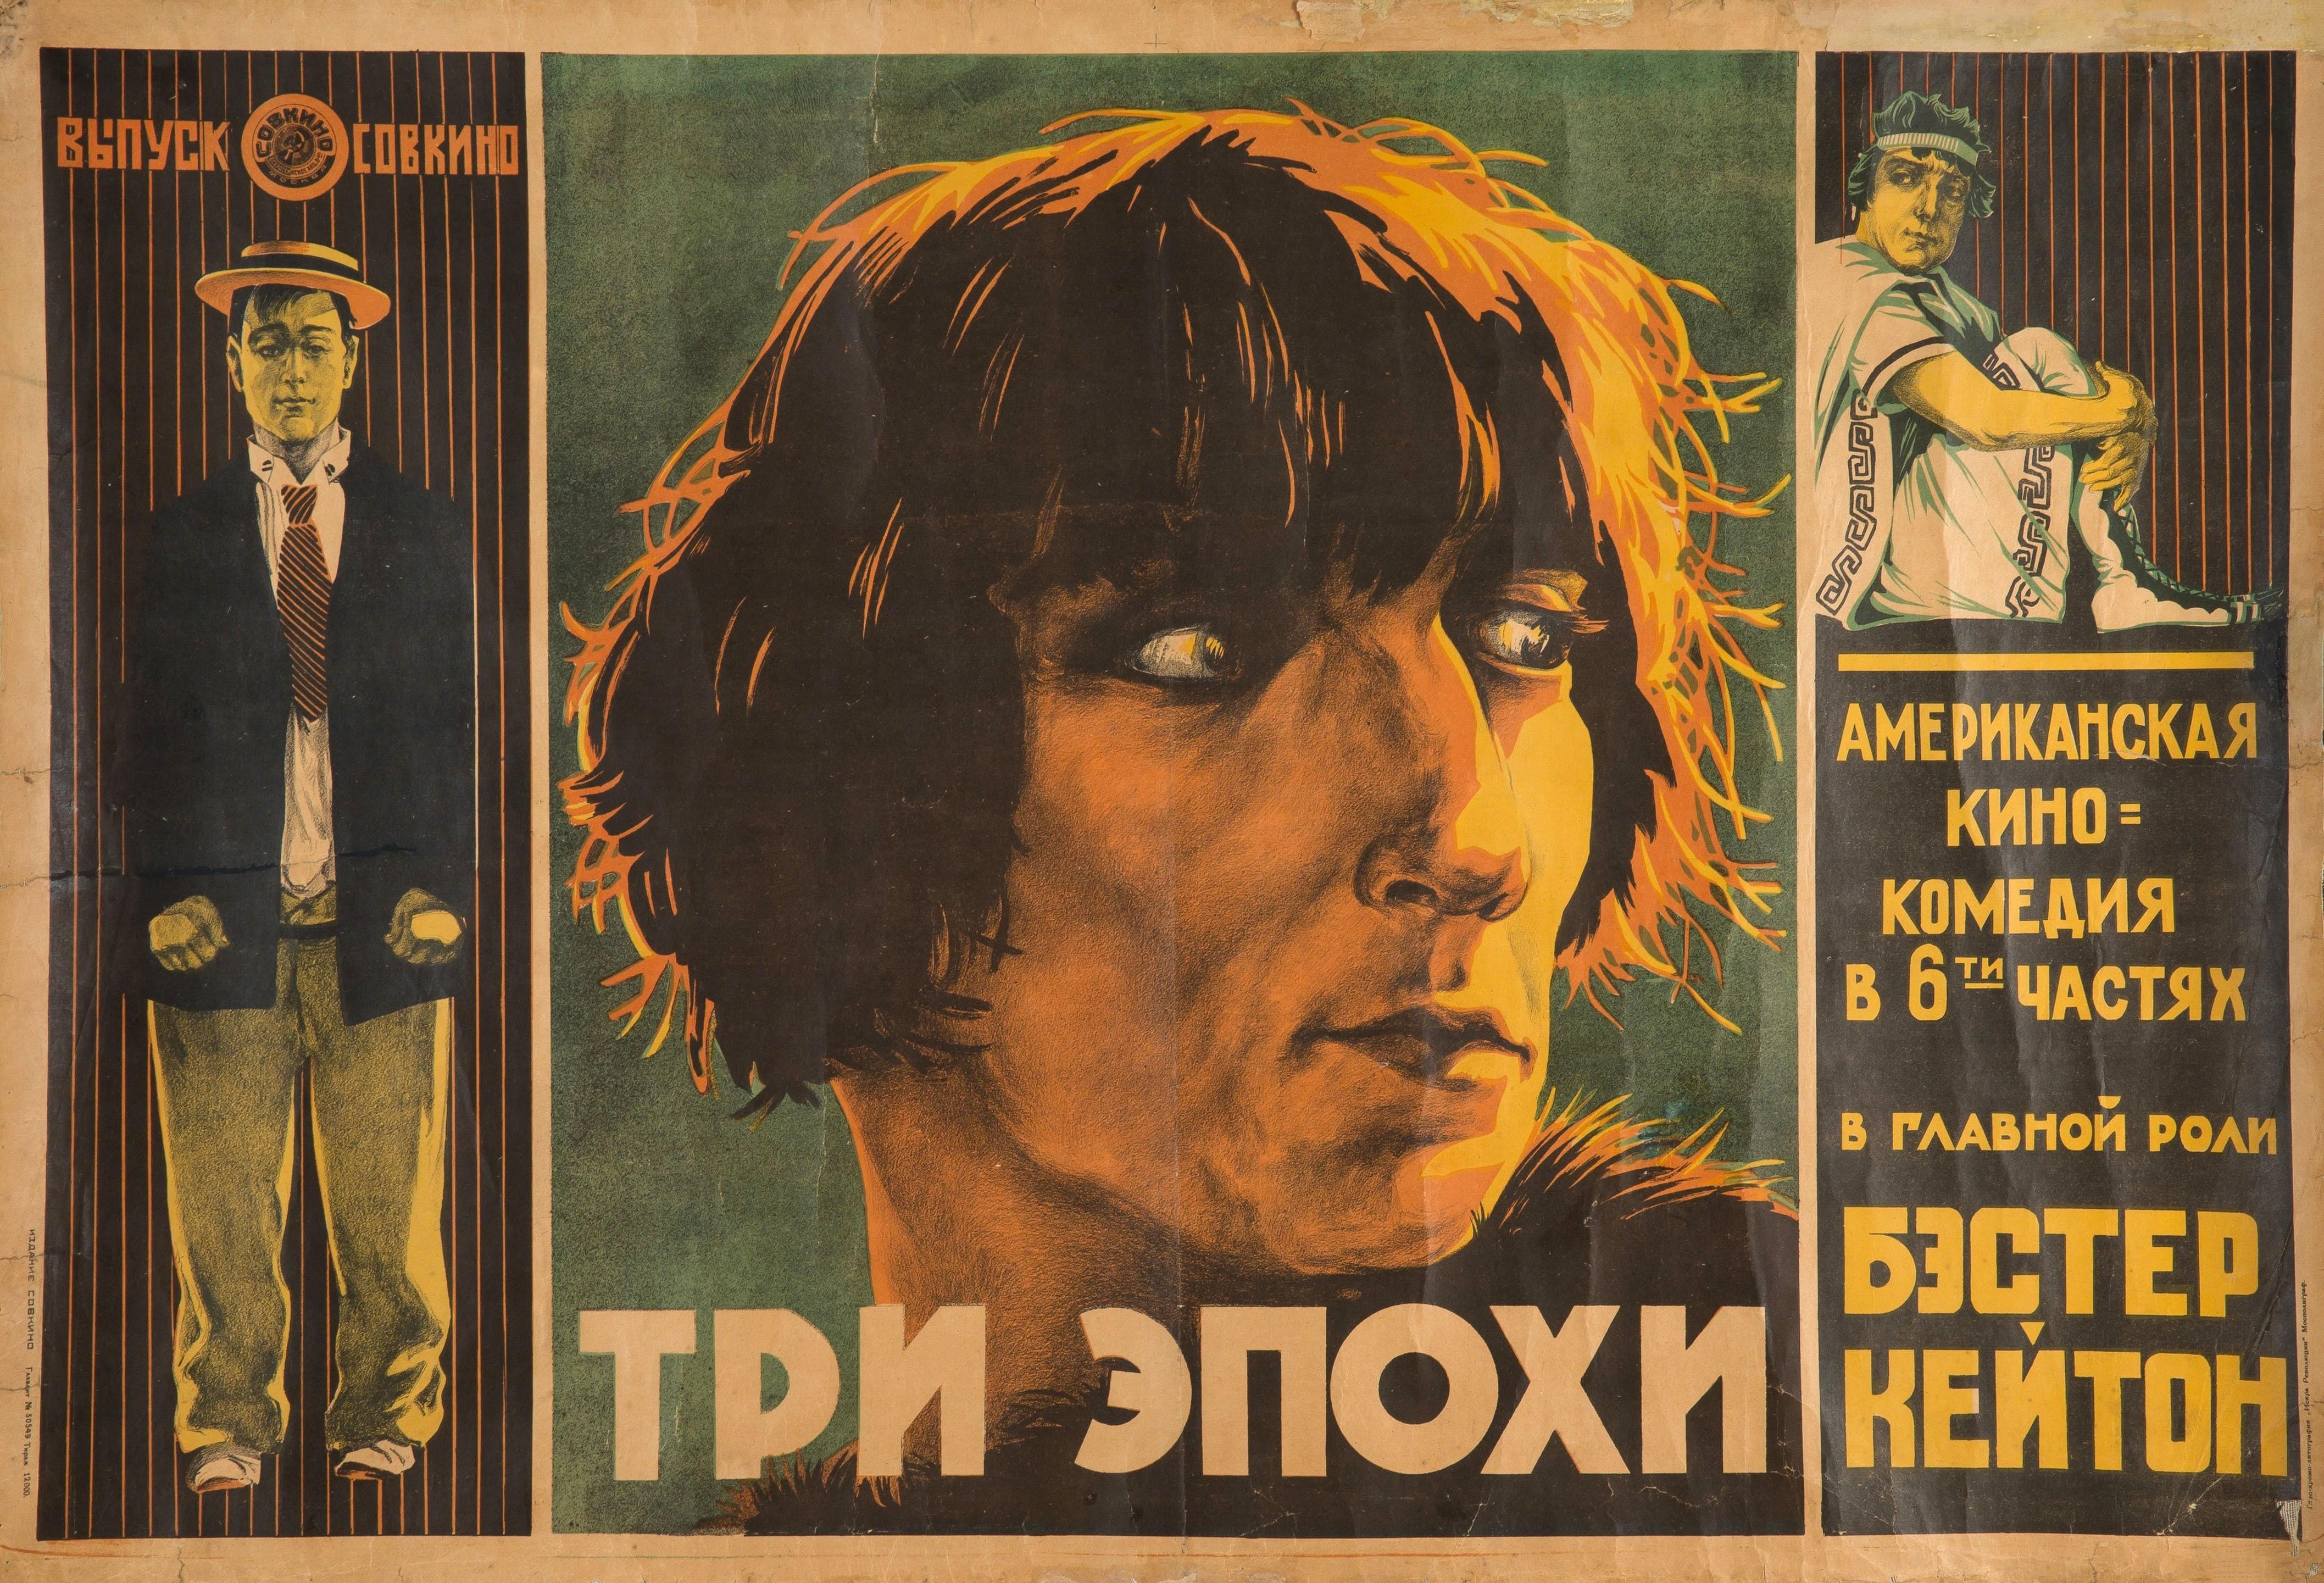 1923. Три эпохи (реж. Бастер Китон, Эдвард Ф. Клайн)